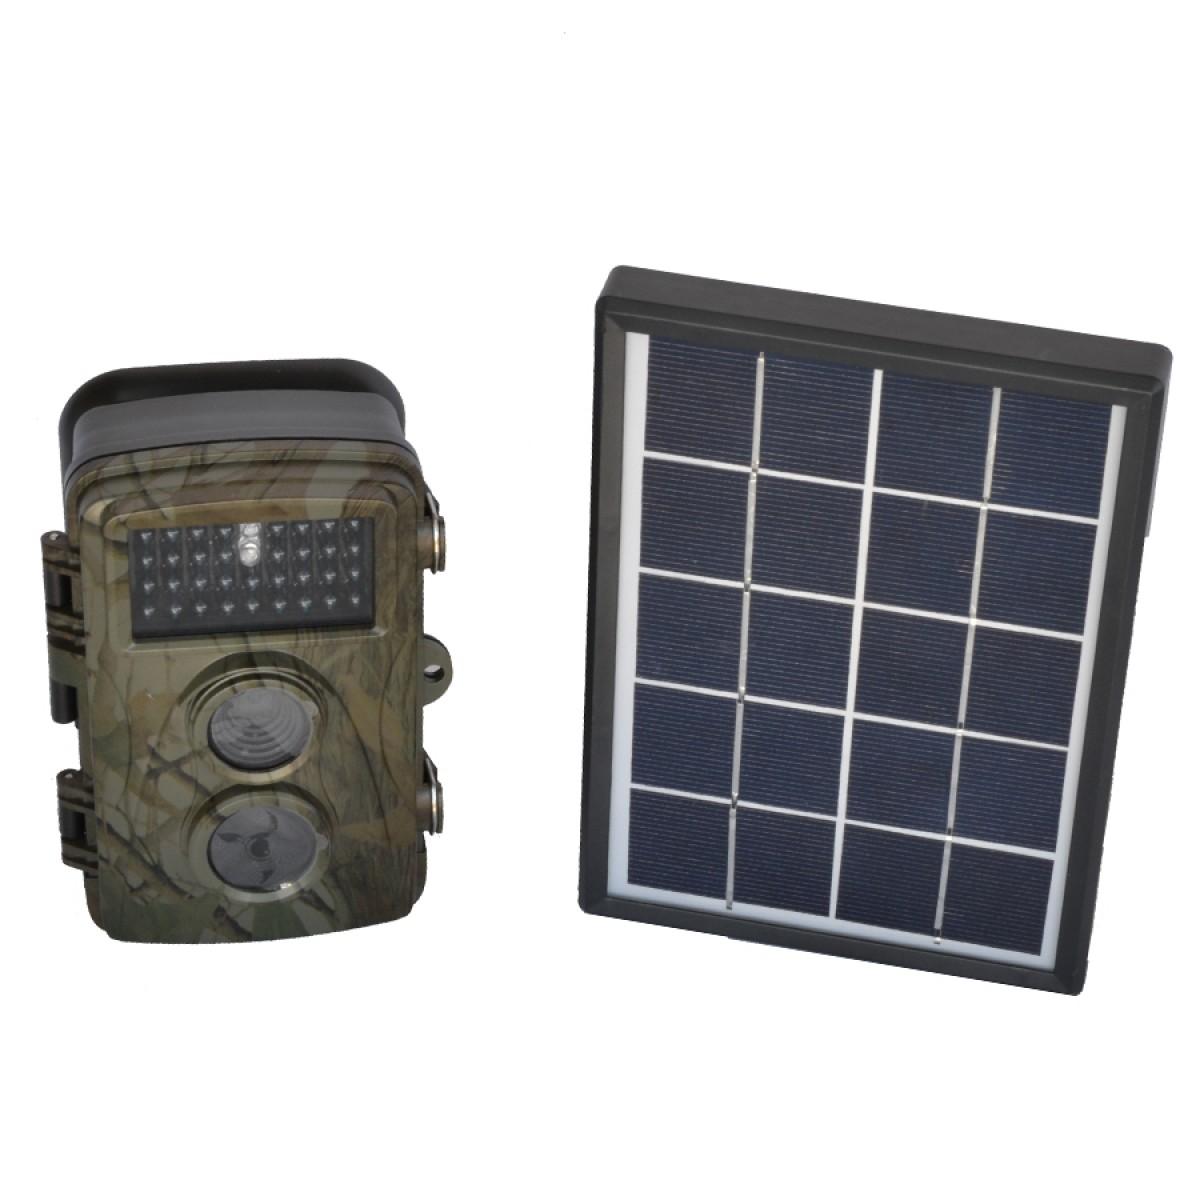 Κρυφή κάμερα με ανιχνευτη κίνησης-ηλιακό πάνελ-υπέρυθρα led